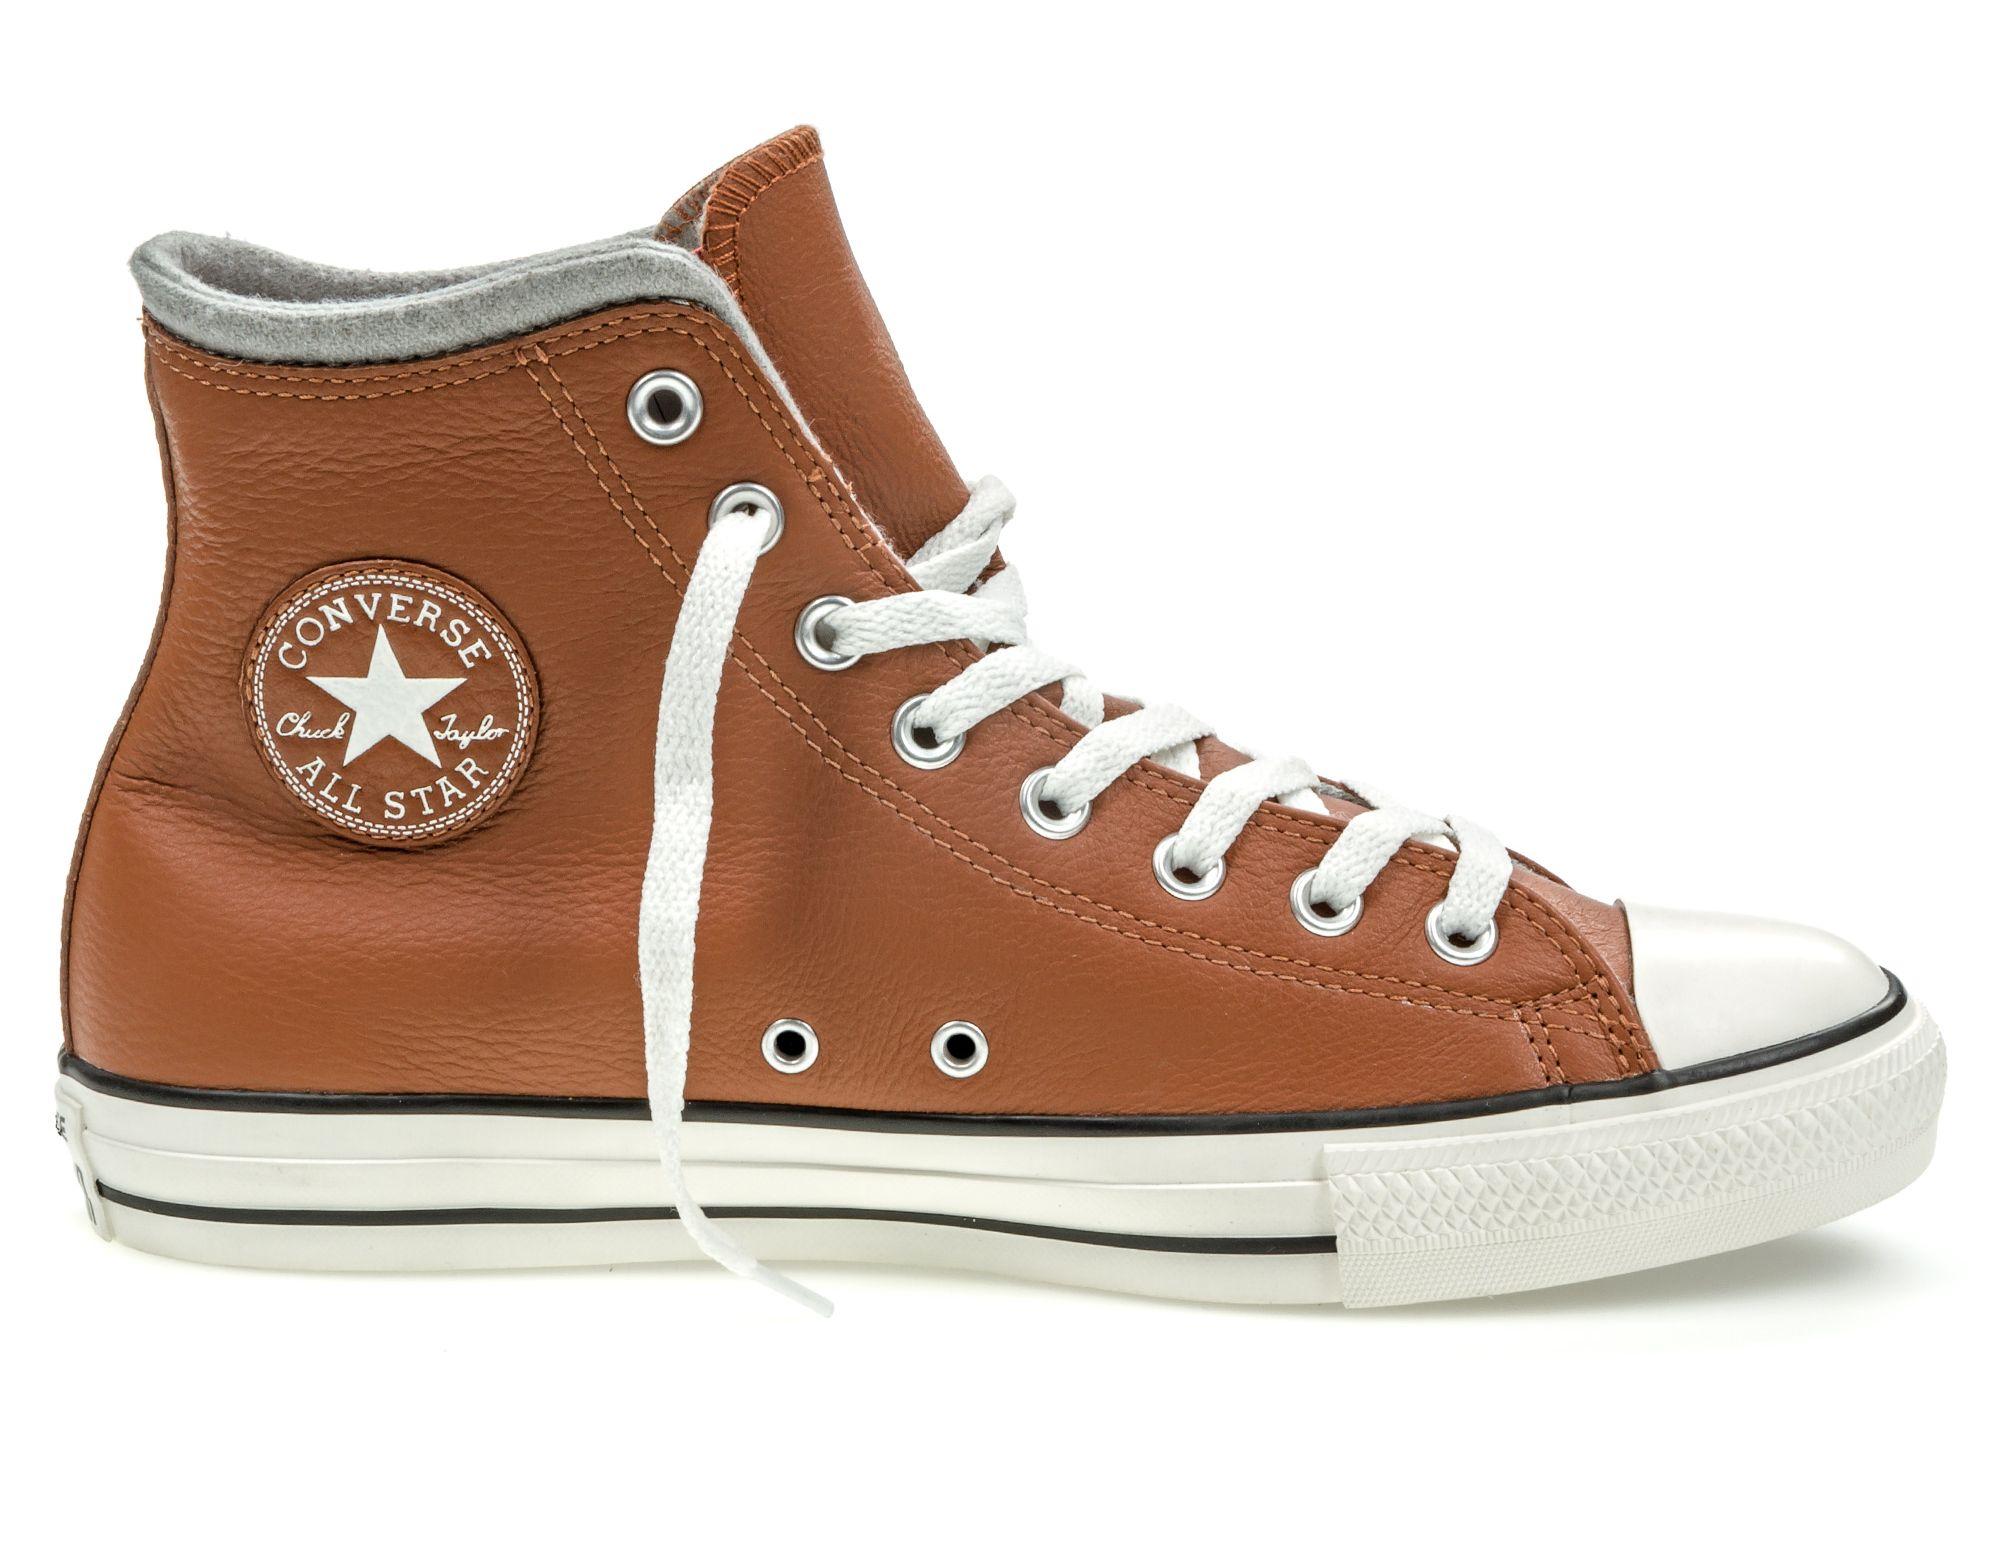 Кеды153819Модные кеды Chuck Taylor All Star от Converse выполнены из натуральной кожи. Мыс модели защищен прорезиненной вставкой. Внутренняя поверхность и стелька из текстиля обеспечивают комфорт. Шнуровка надежно зафиксирует модель на ноге. Подошва дополнена рифлением.